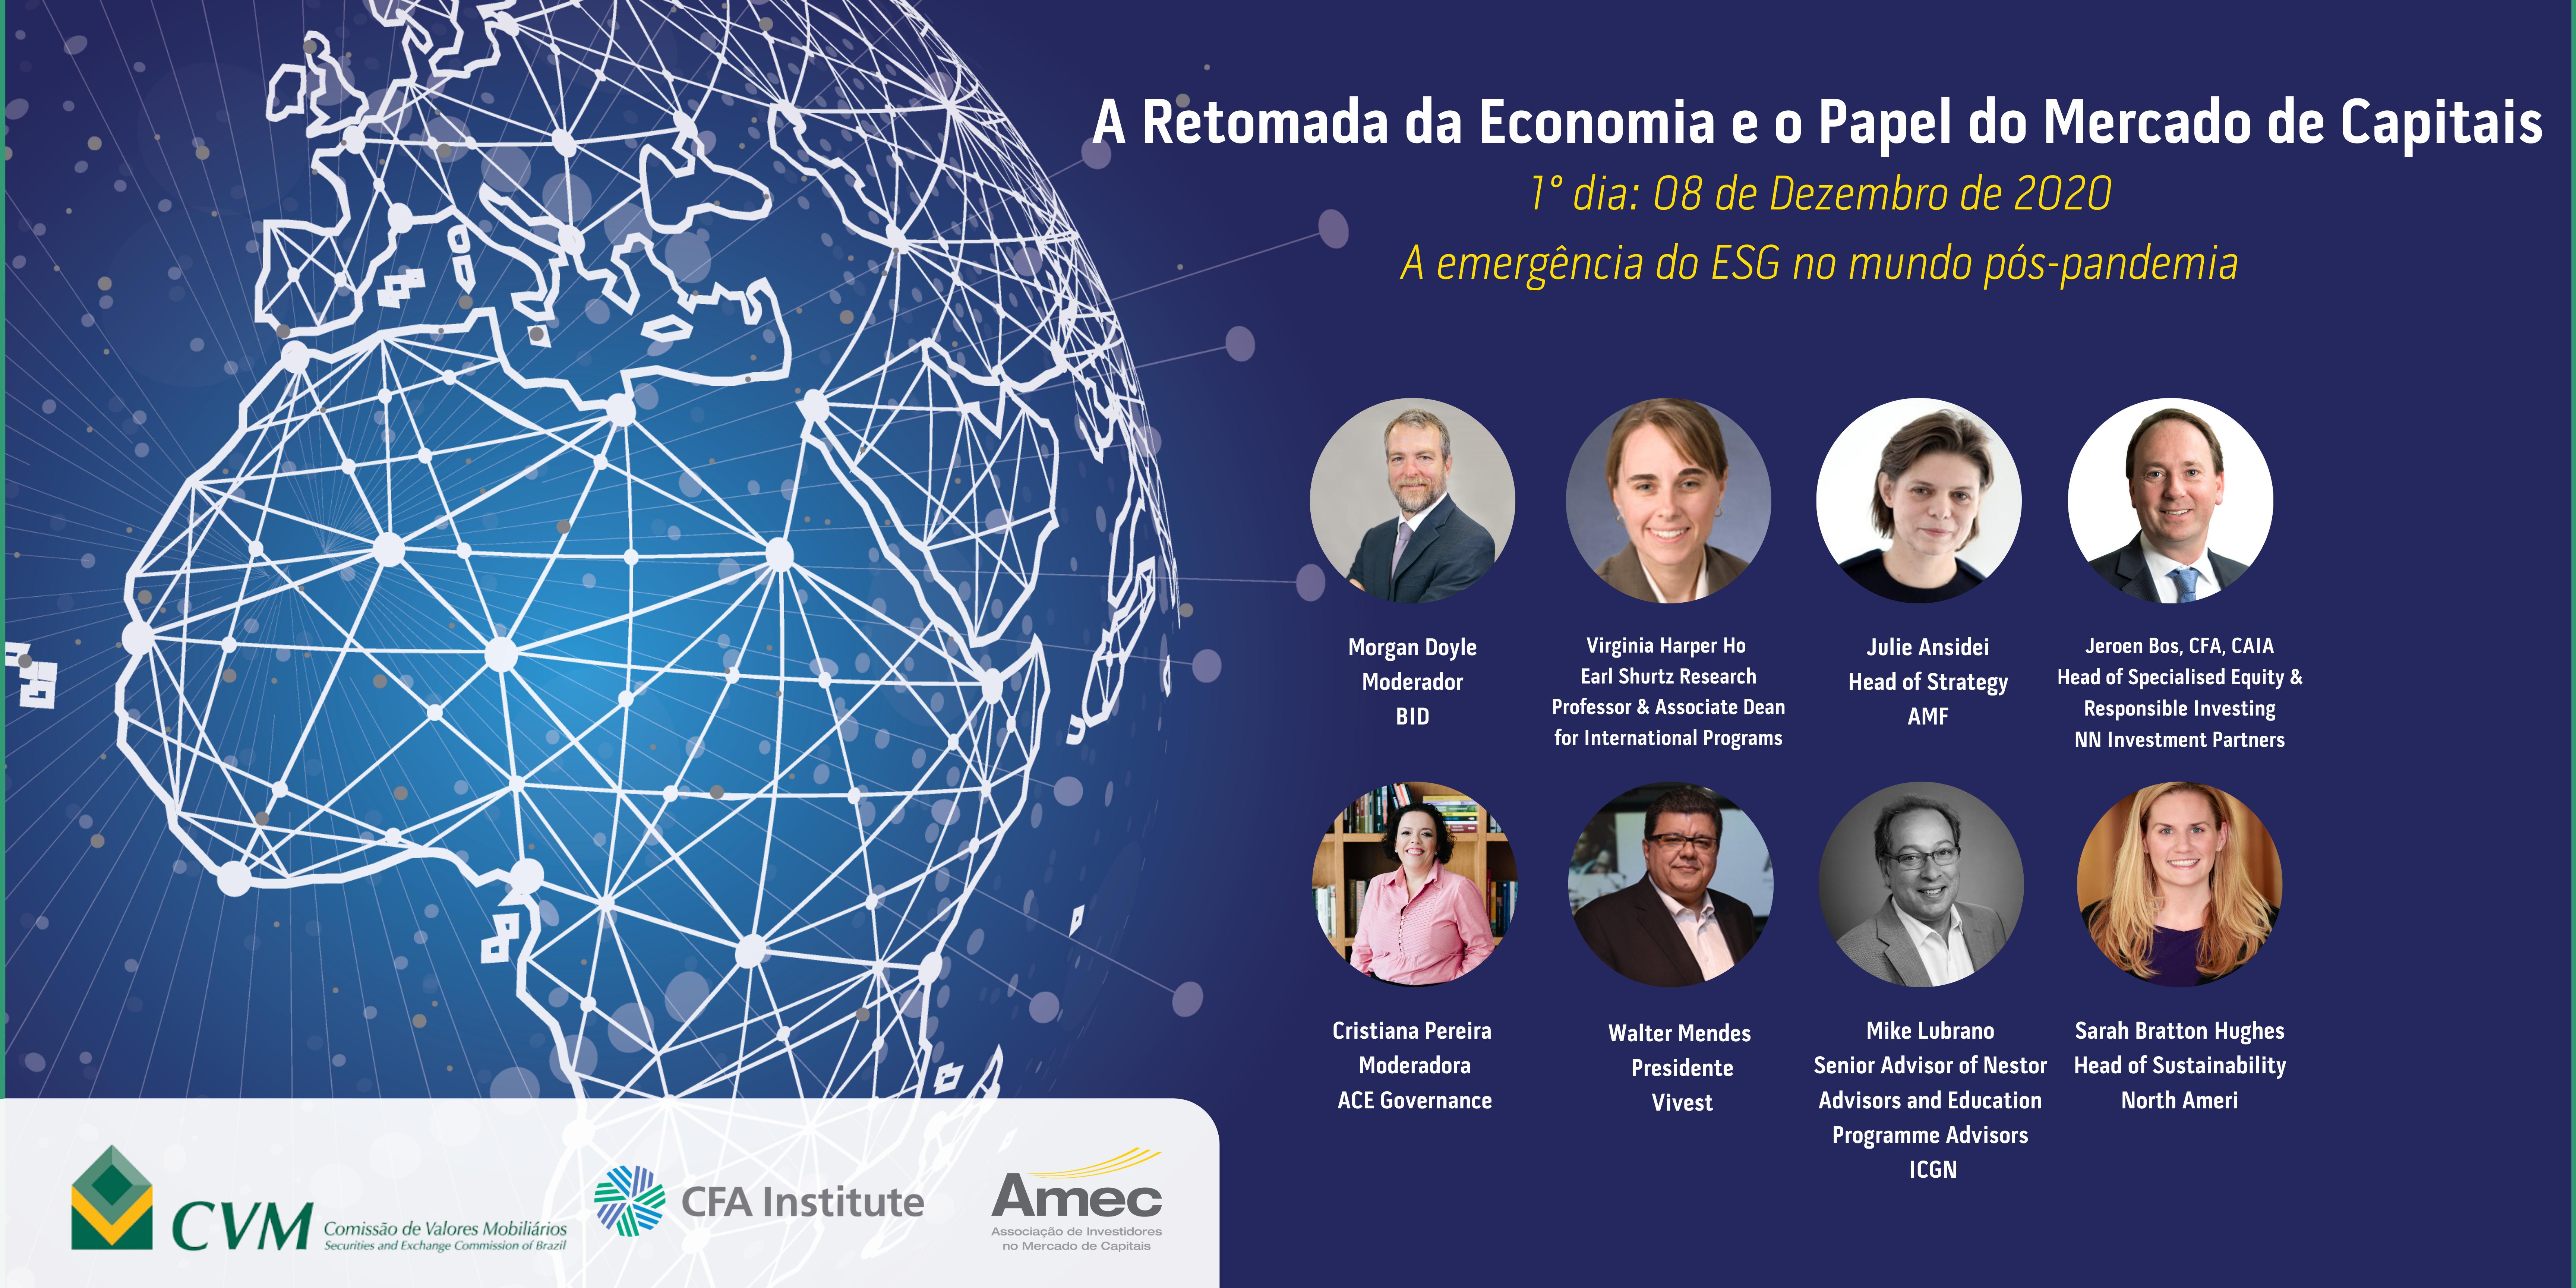 Agenda regulatória, enforcement e o futuro do mercado serão temas abordados no 3º dia do evento Amec em parceria com CVM e CFA